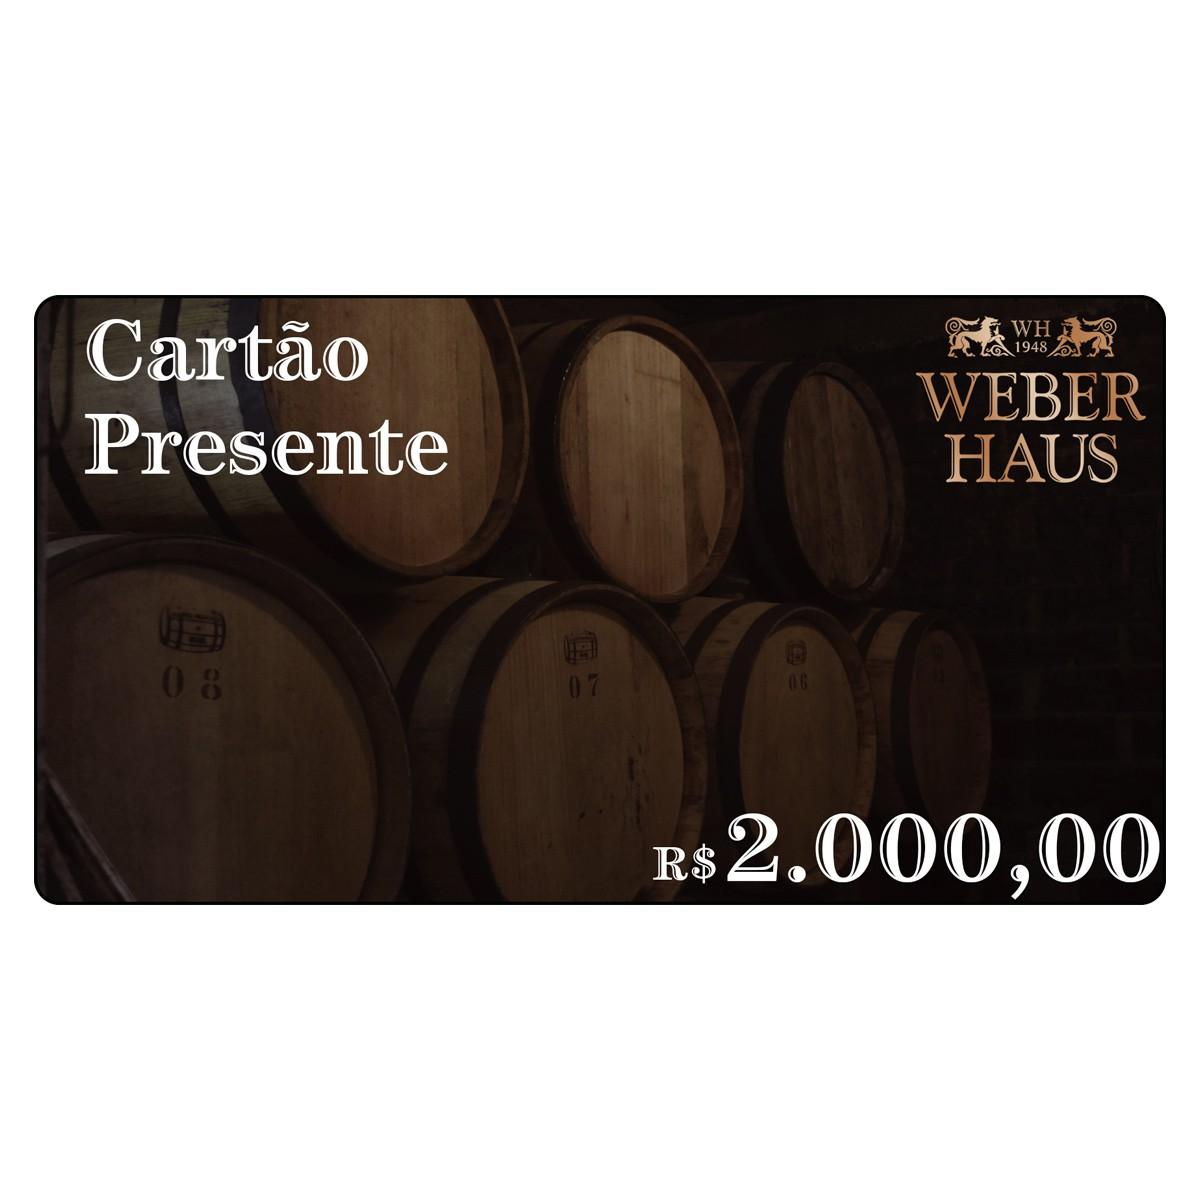 Cartão Presente no Valor de R$2.000,00